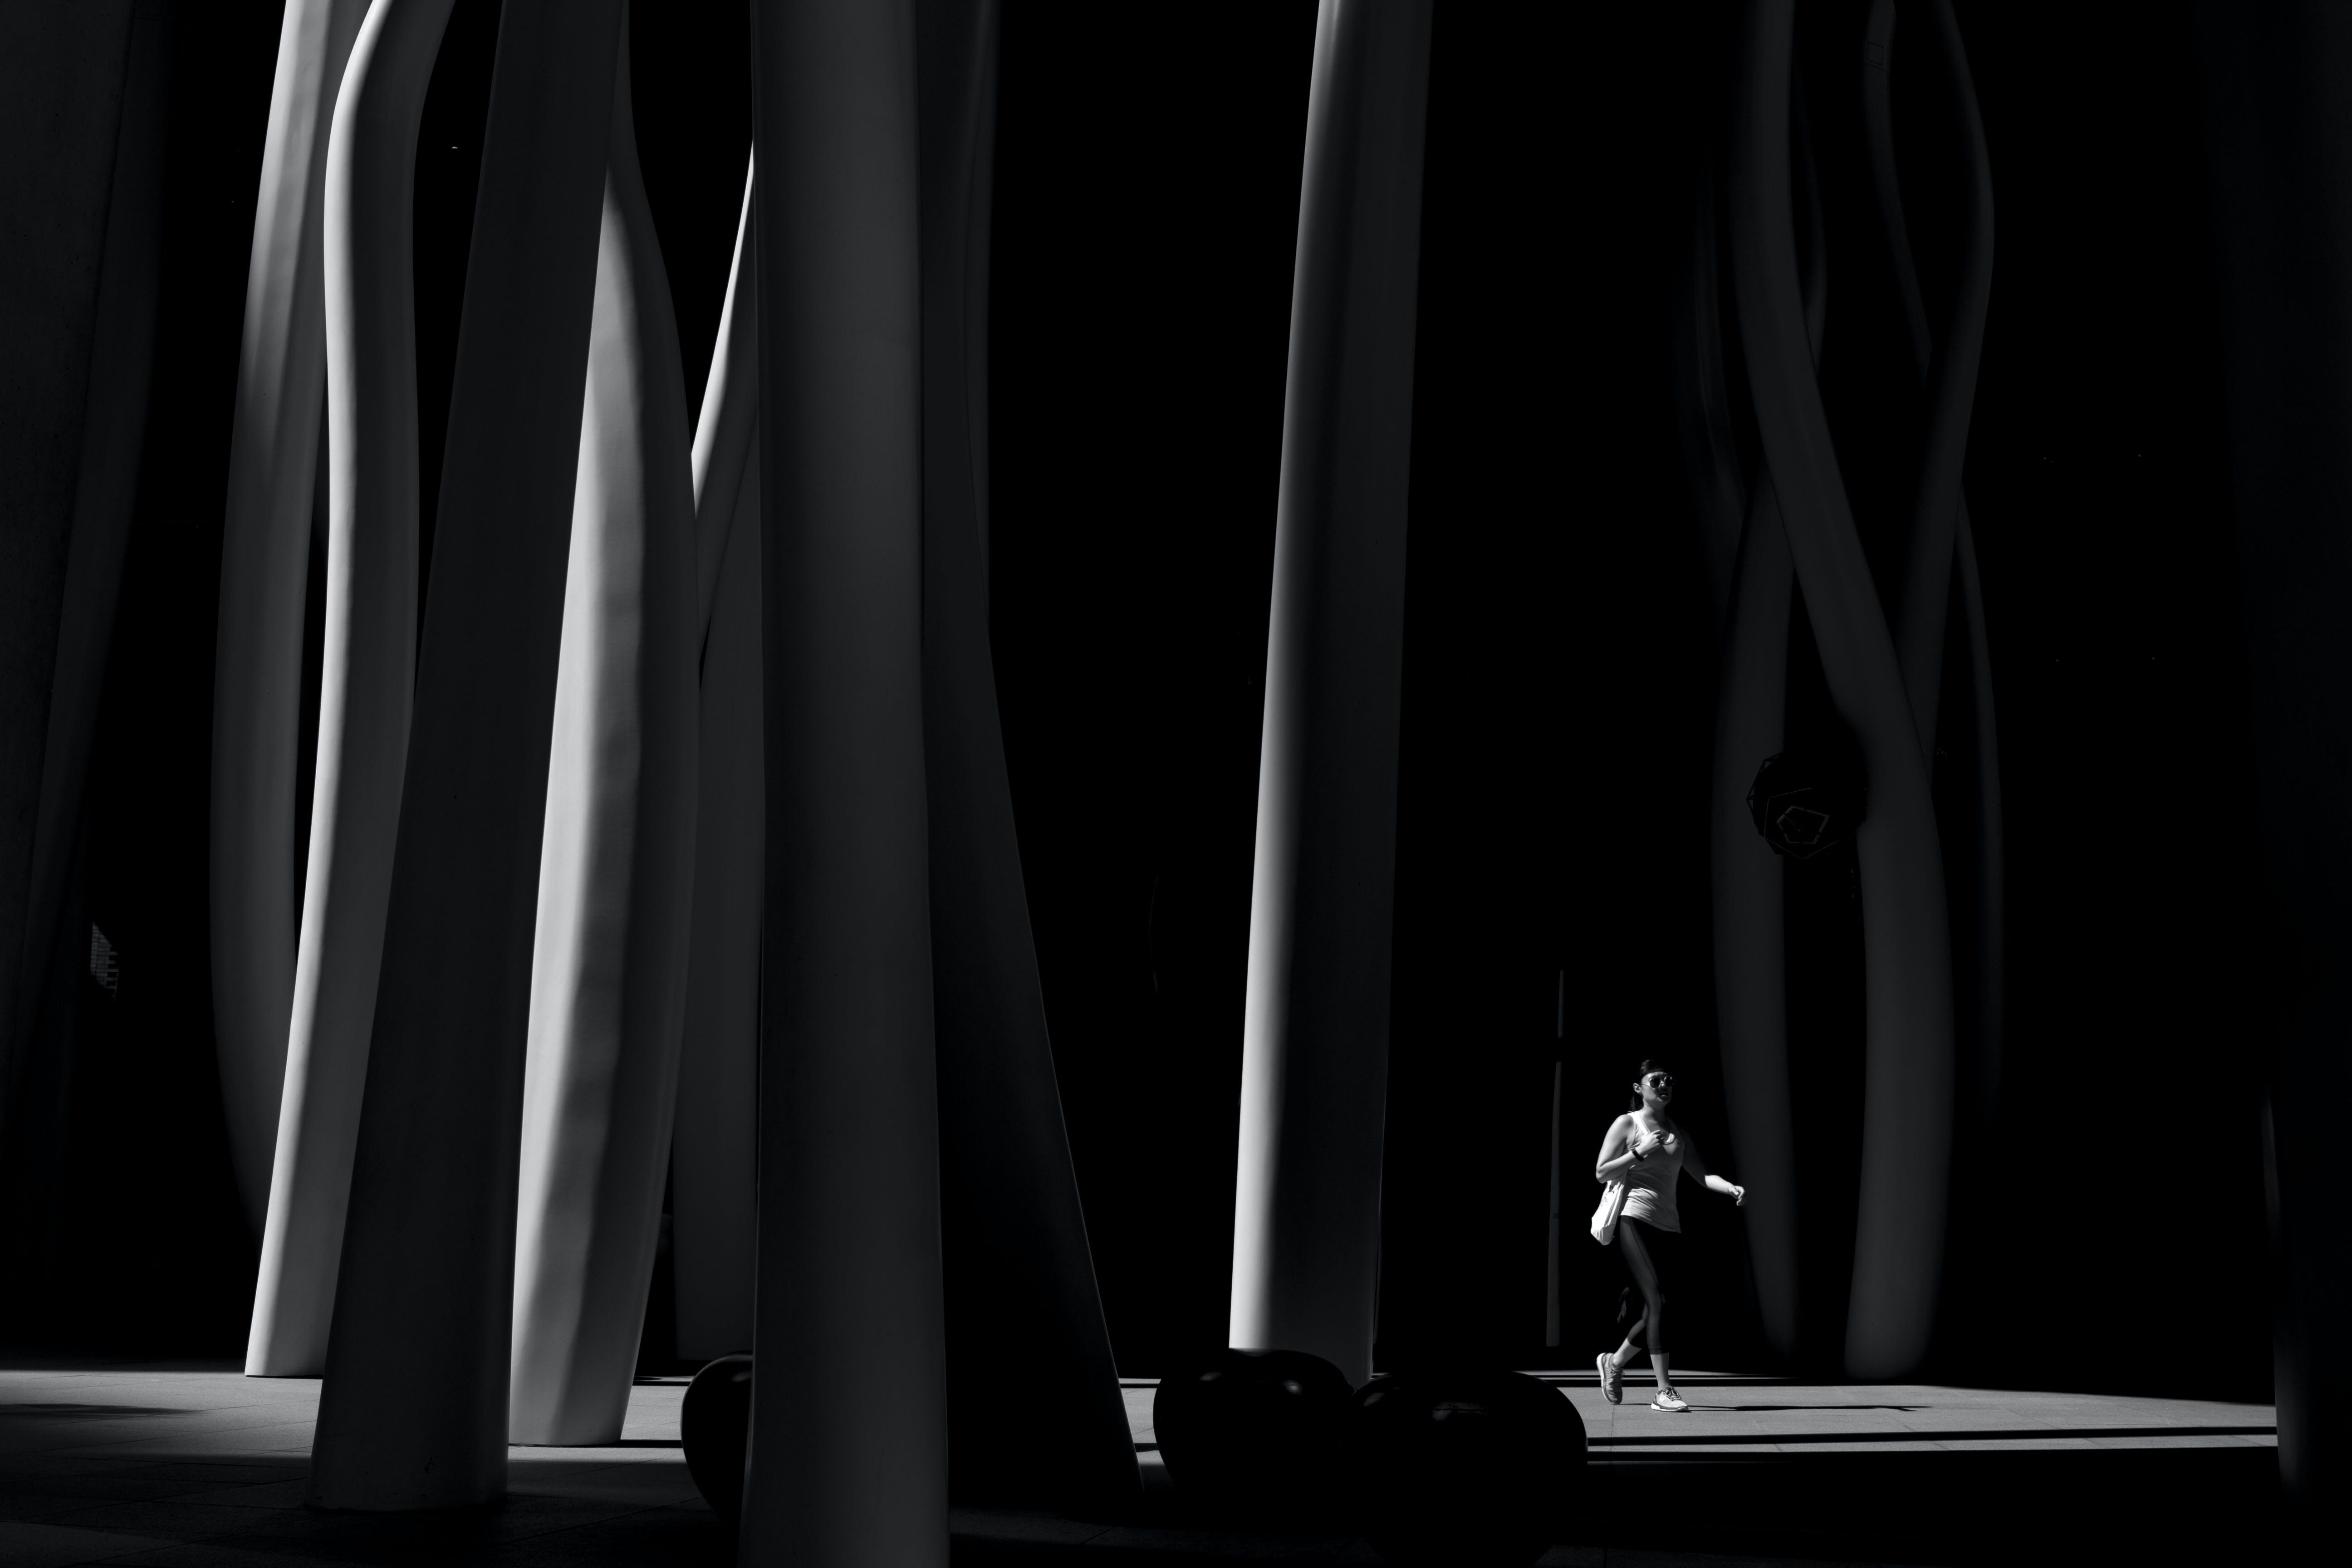 Gratis lagerfoto af indendørs, kunst, kvinde, lys